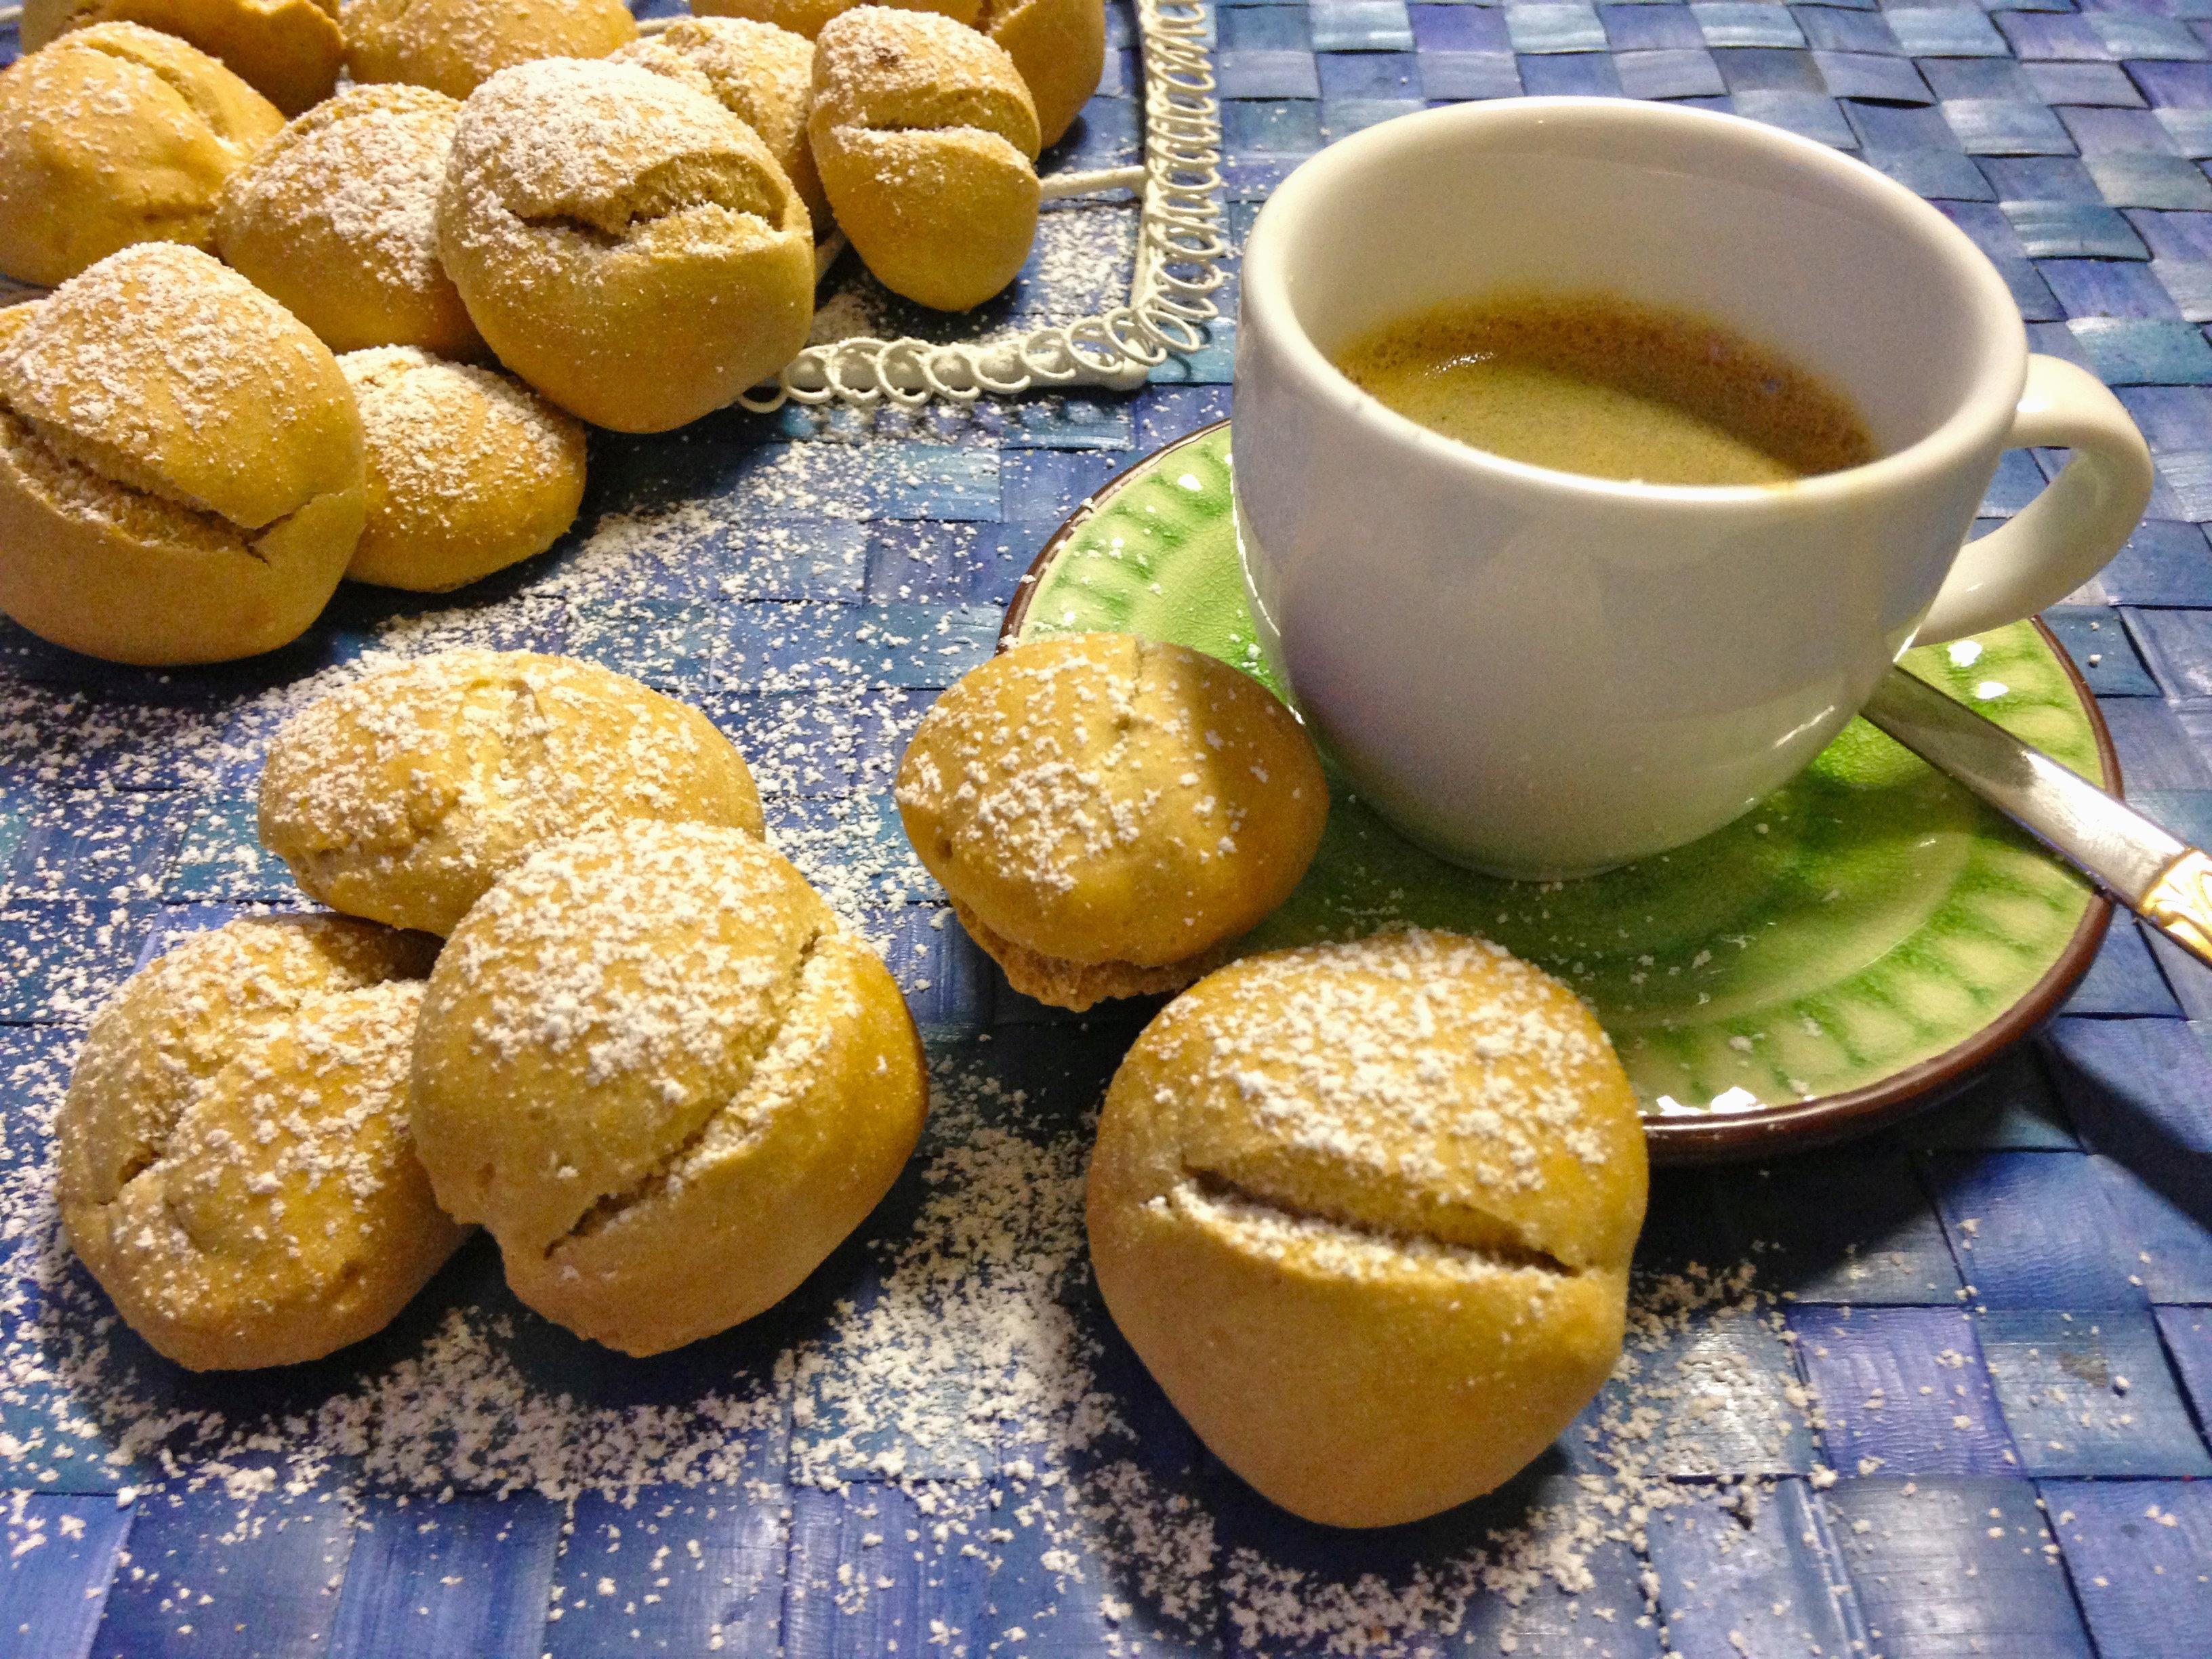 I Biscotti al Caffè Senza Burro, la pausa povera di grassi e carica di gusto di dolci senza burro